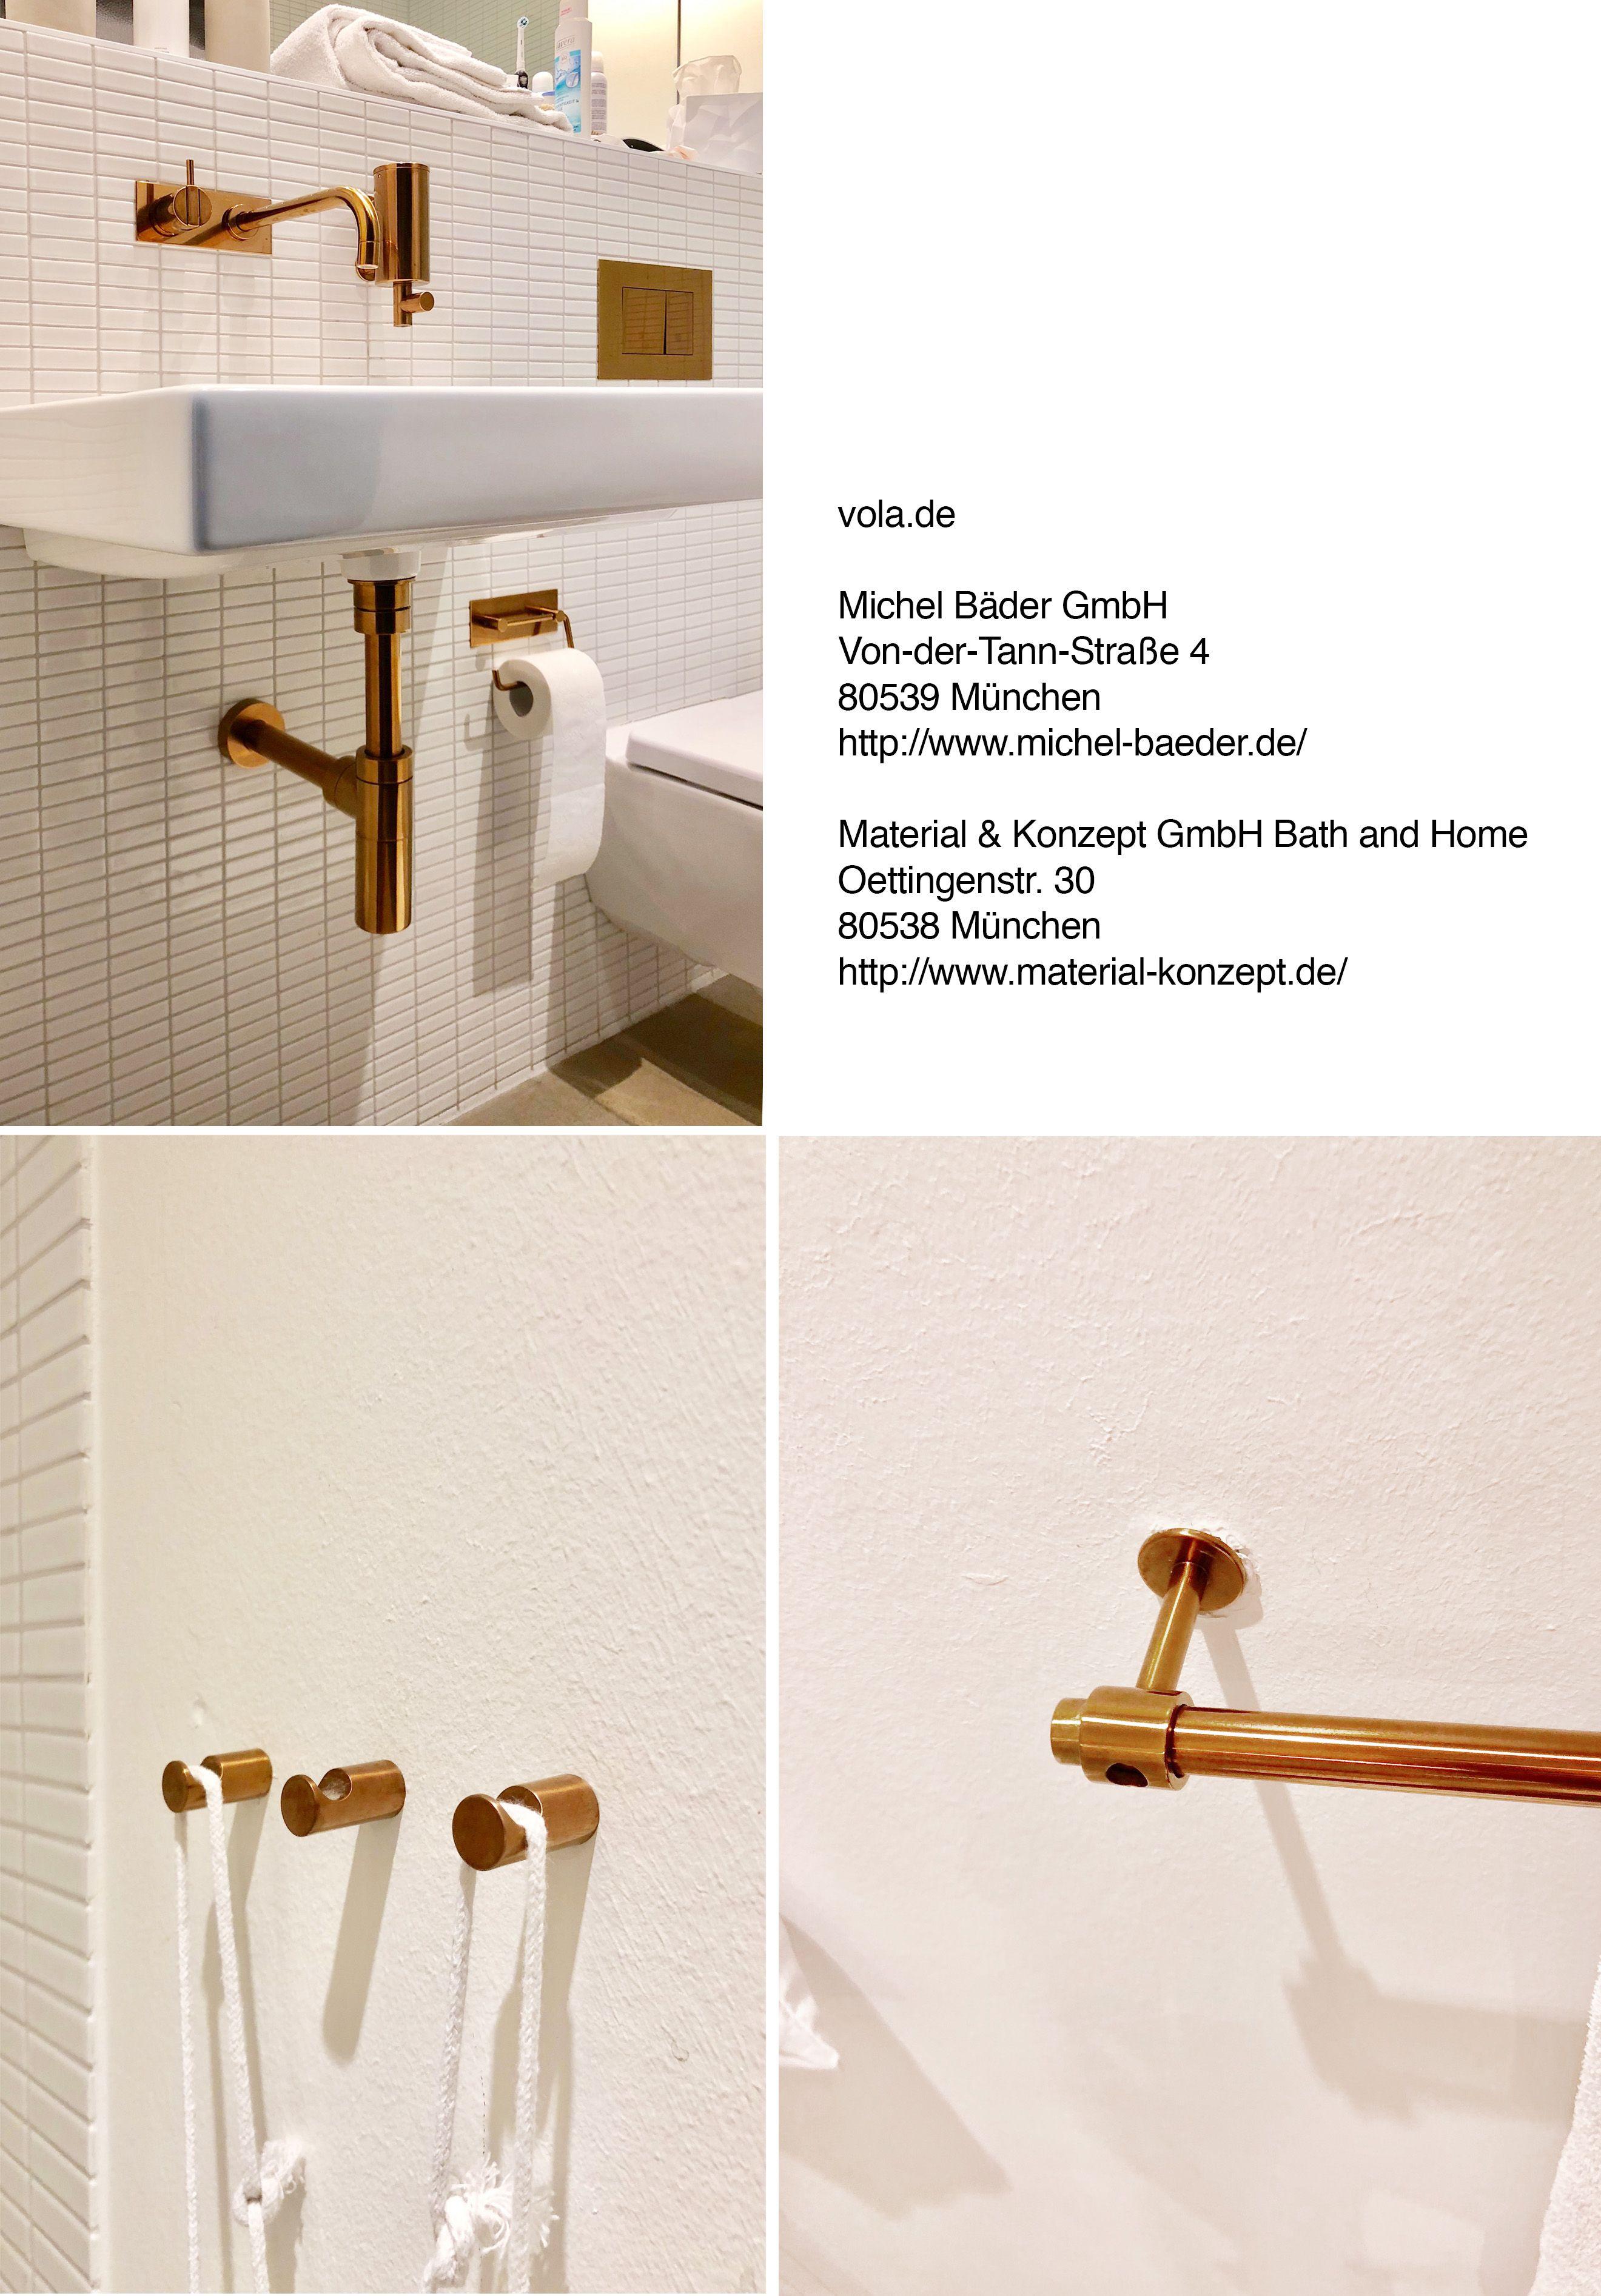 Vola De Kupfer Armaturen Und Handtuchhaken Gefunden In Hotel The Flushing Meadows Badezimmer Armaturen Handtuchhaken